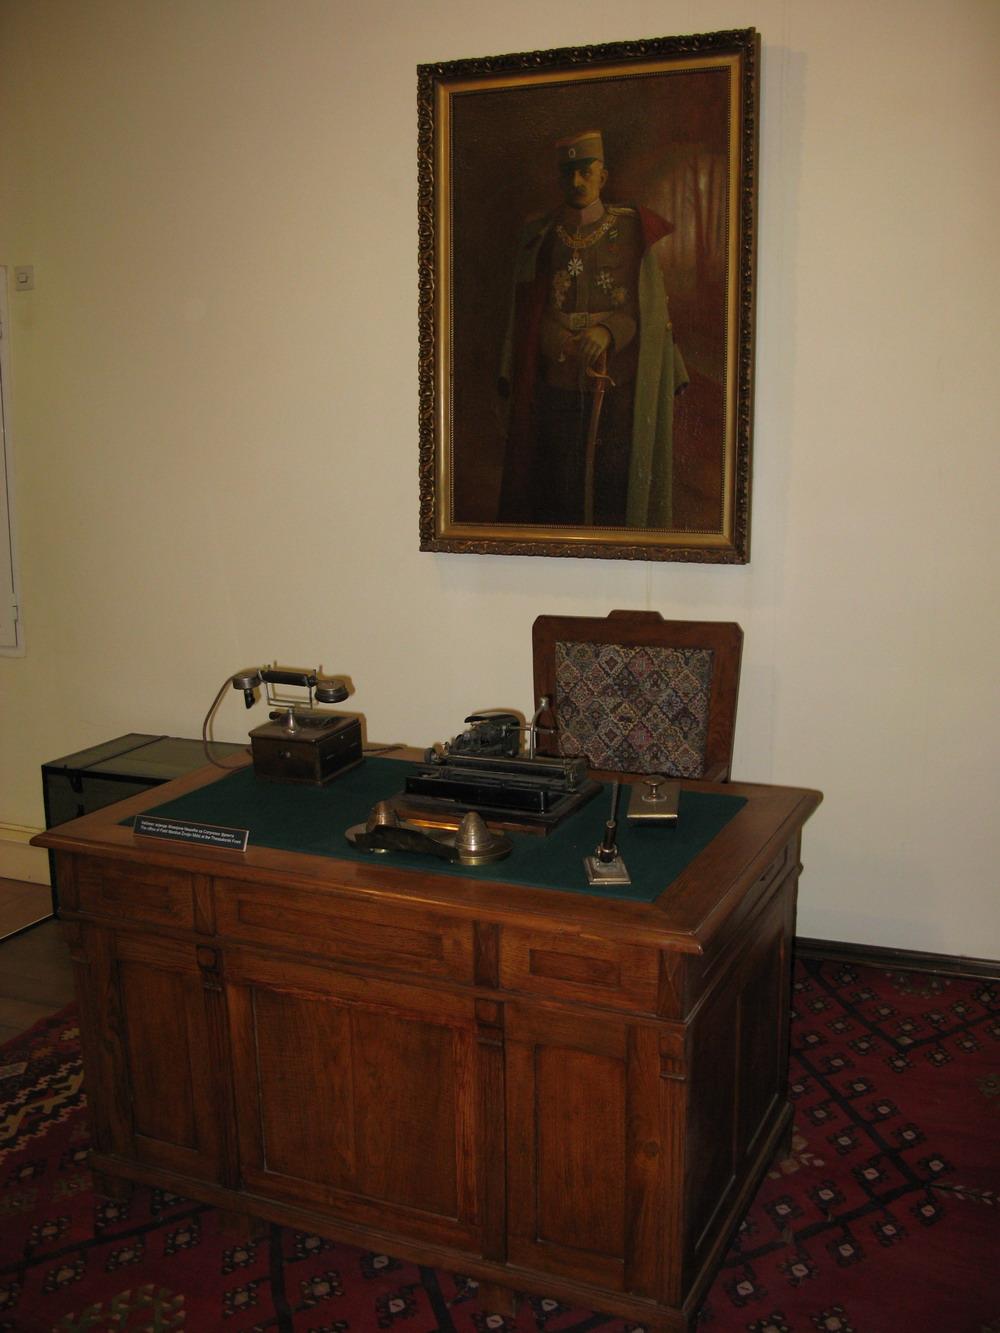 Narodni muzej kabinet vojvode Misica Ваљево, Бранковина, манастир Каона